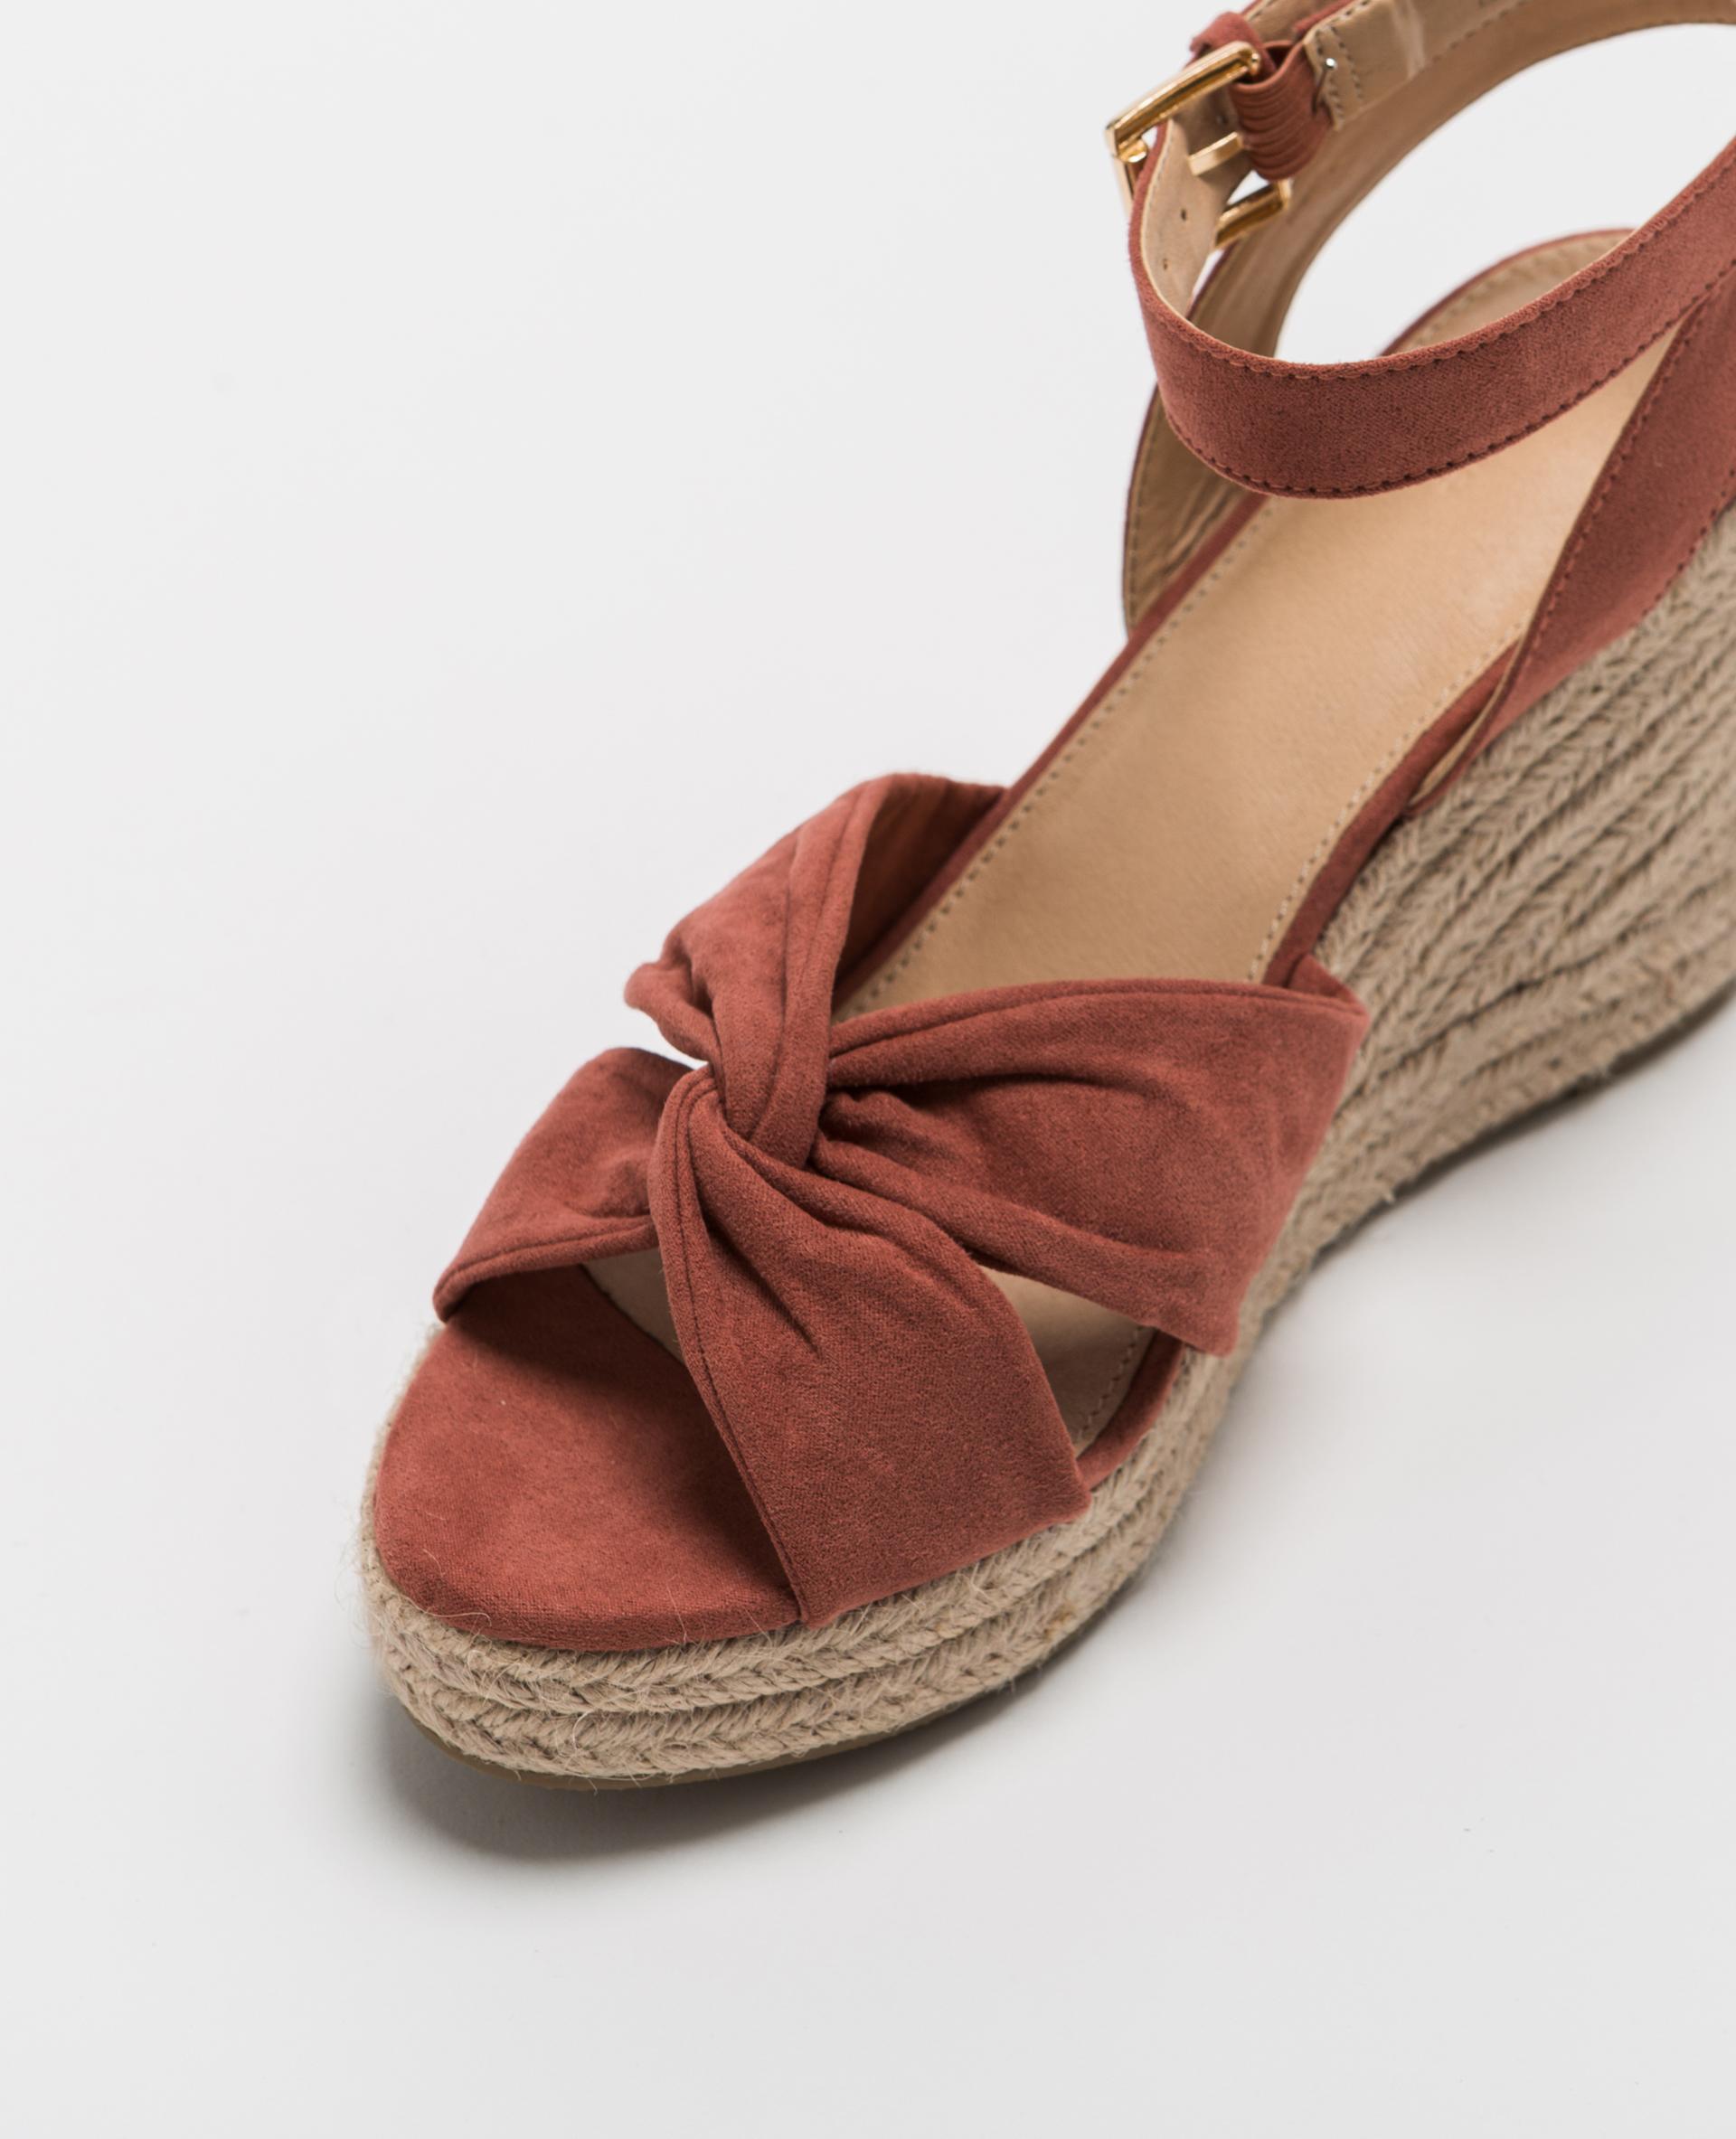 sandales compens es en paille rose poudr 916449i25a02 pimkie. Black Bedroom Furniture Sets. Home Design Ideas